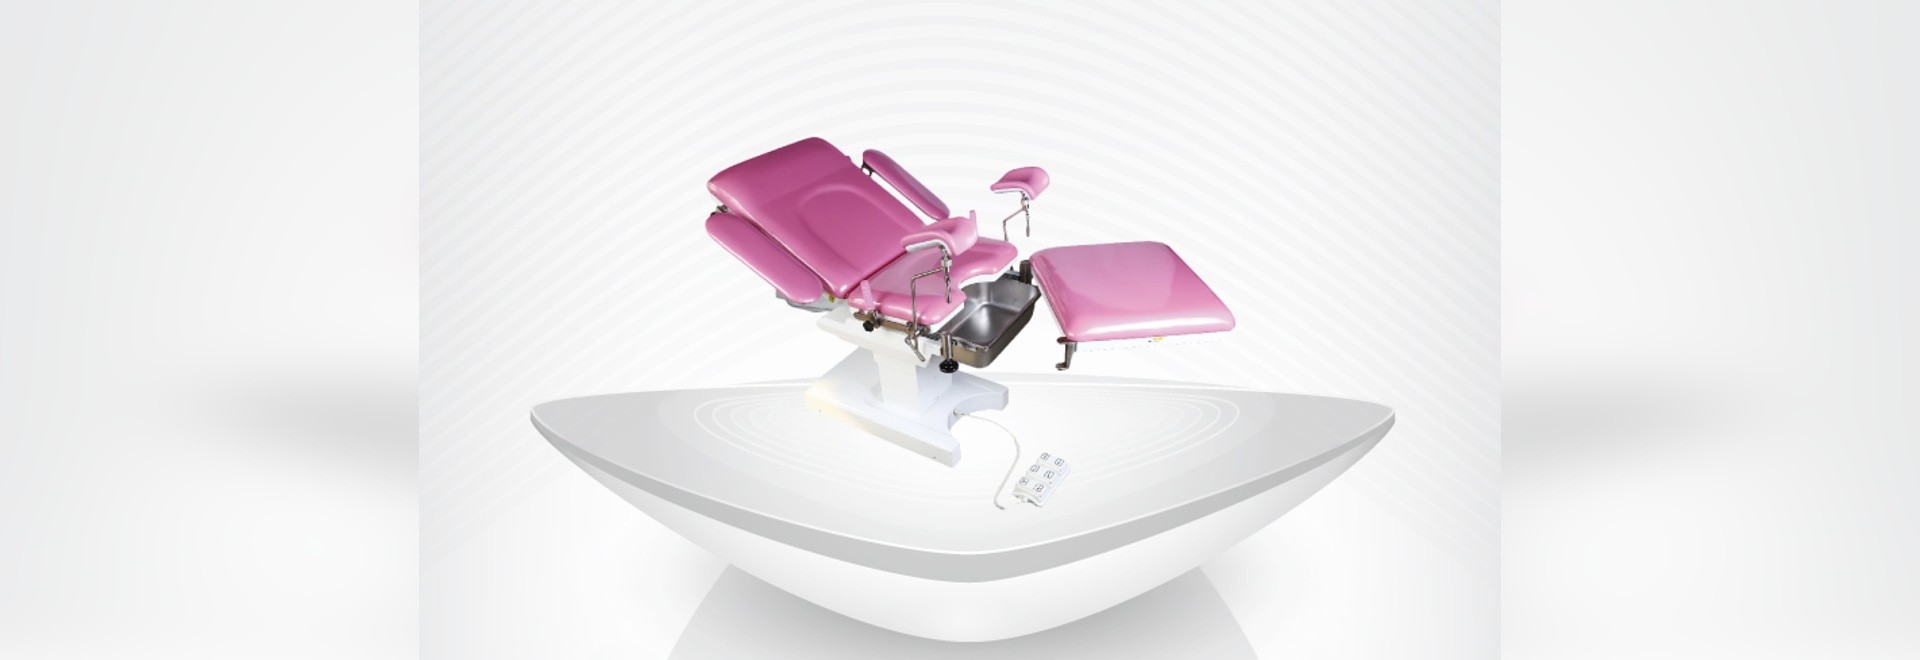 nouveaux chaise/réglage de la hauteur électriques de la livraison/avec le bassin et la pédale